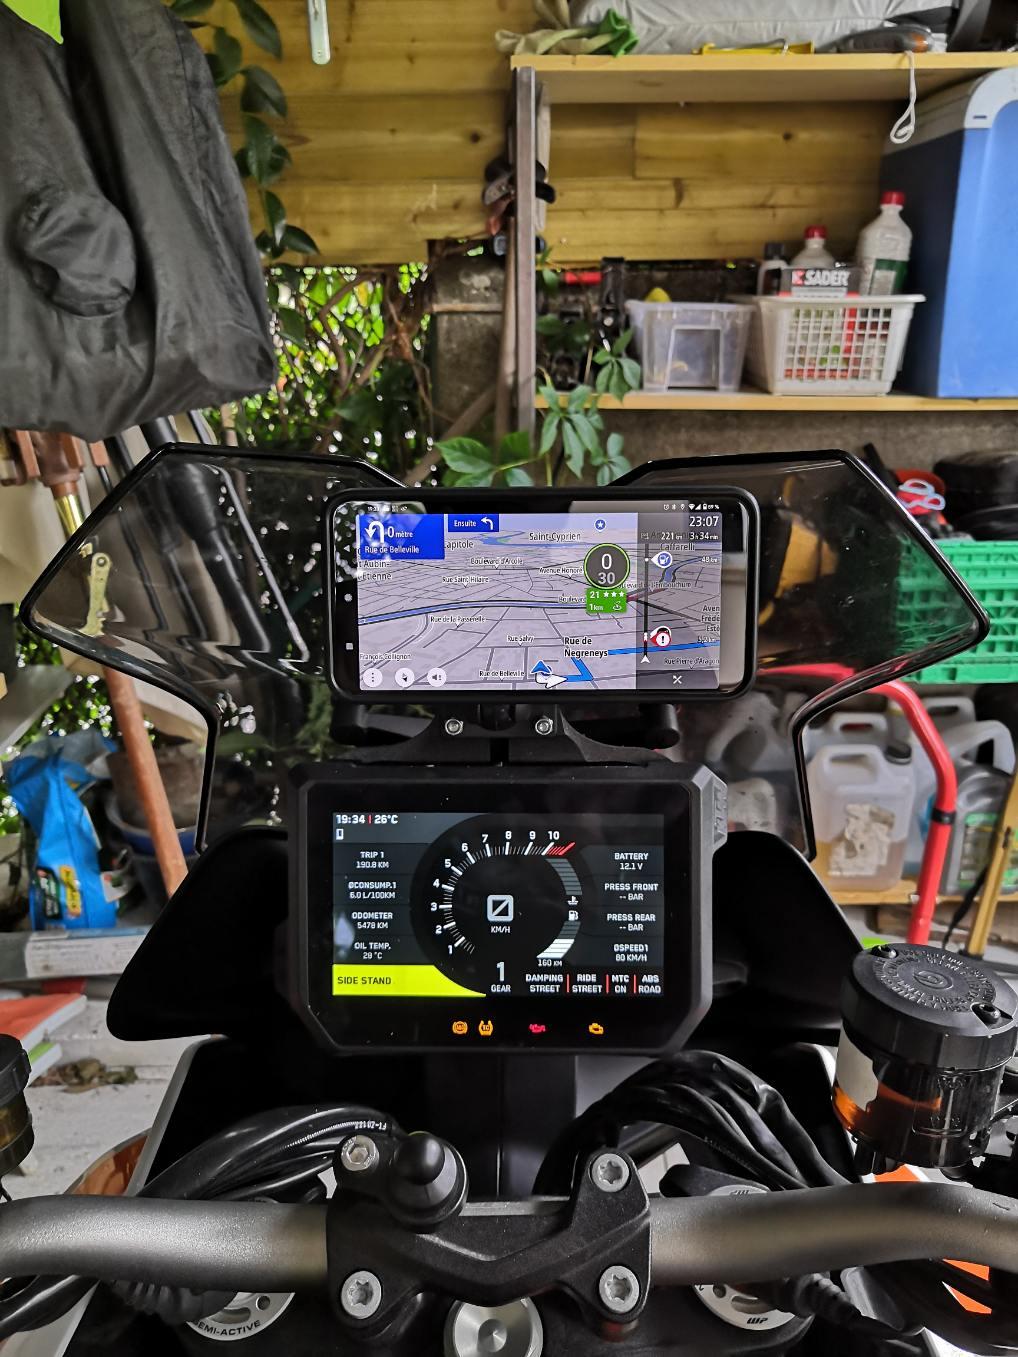 Position du GPS/smartphone au dessus du compteur SD GT 2020 04-pho10